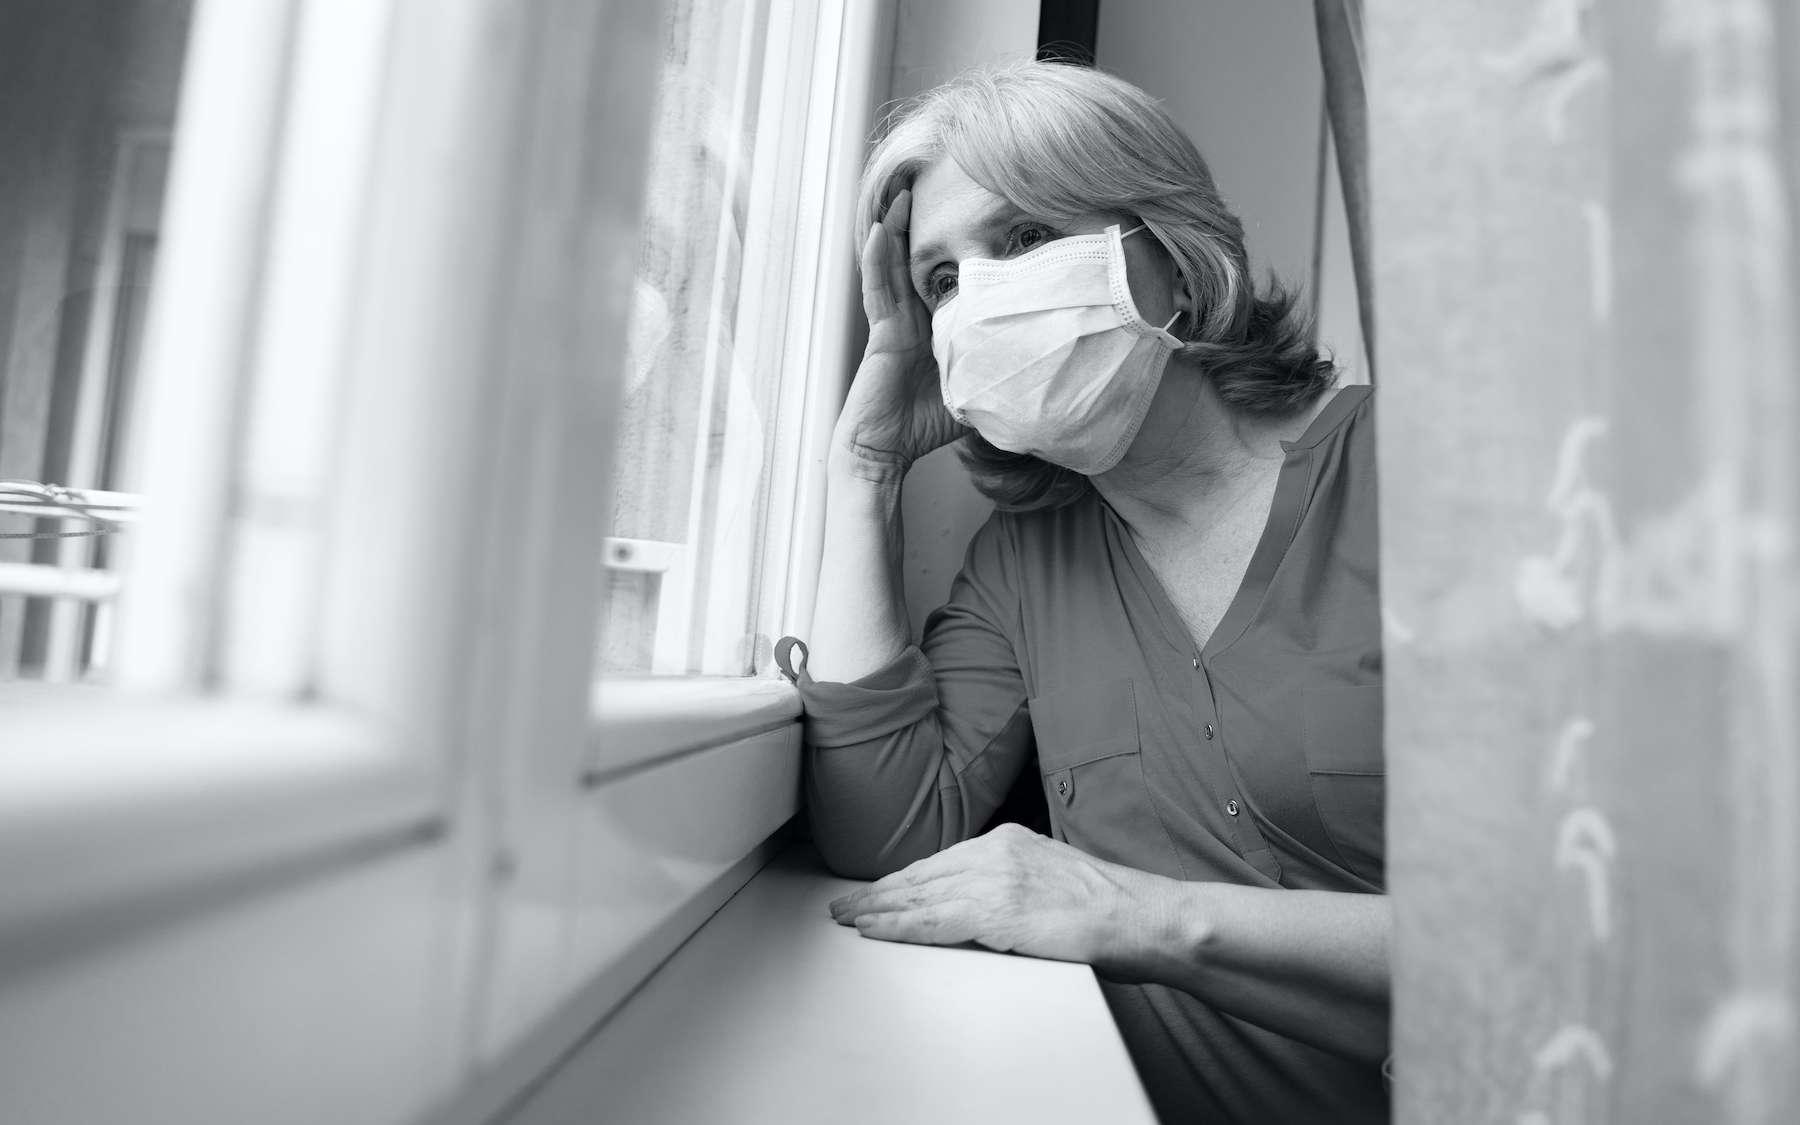 Covid-19 : la moitié des patients ressortent de l'hôpital dans un état pire que lorsqu'ils y sont rentrés